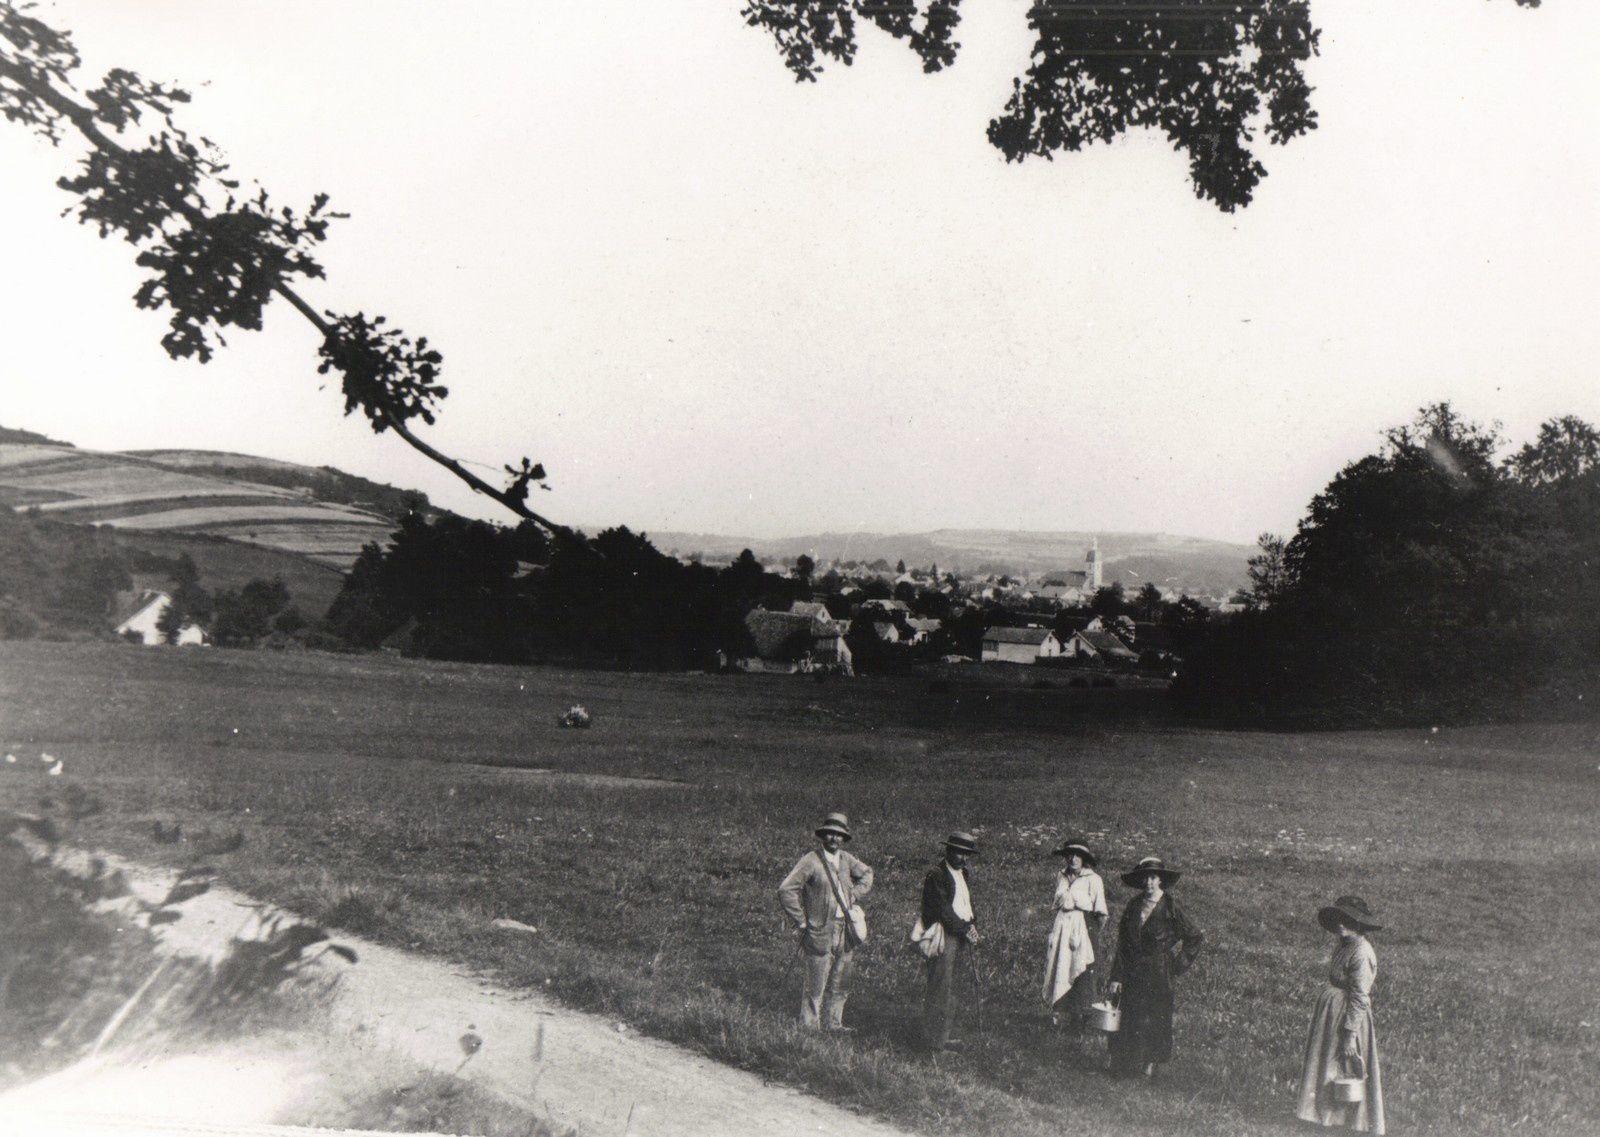 Les Mozer au Chevanel vers 1908, aux mûres semble-t-il (voir les bidons que portent les femmes). A remarquer, à gauche, la colline du Bermont cultivée.